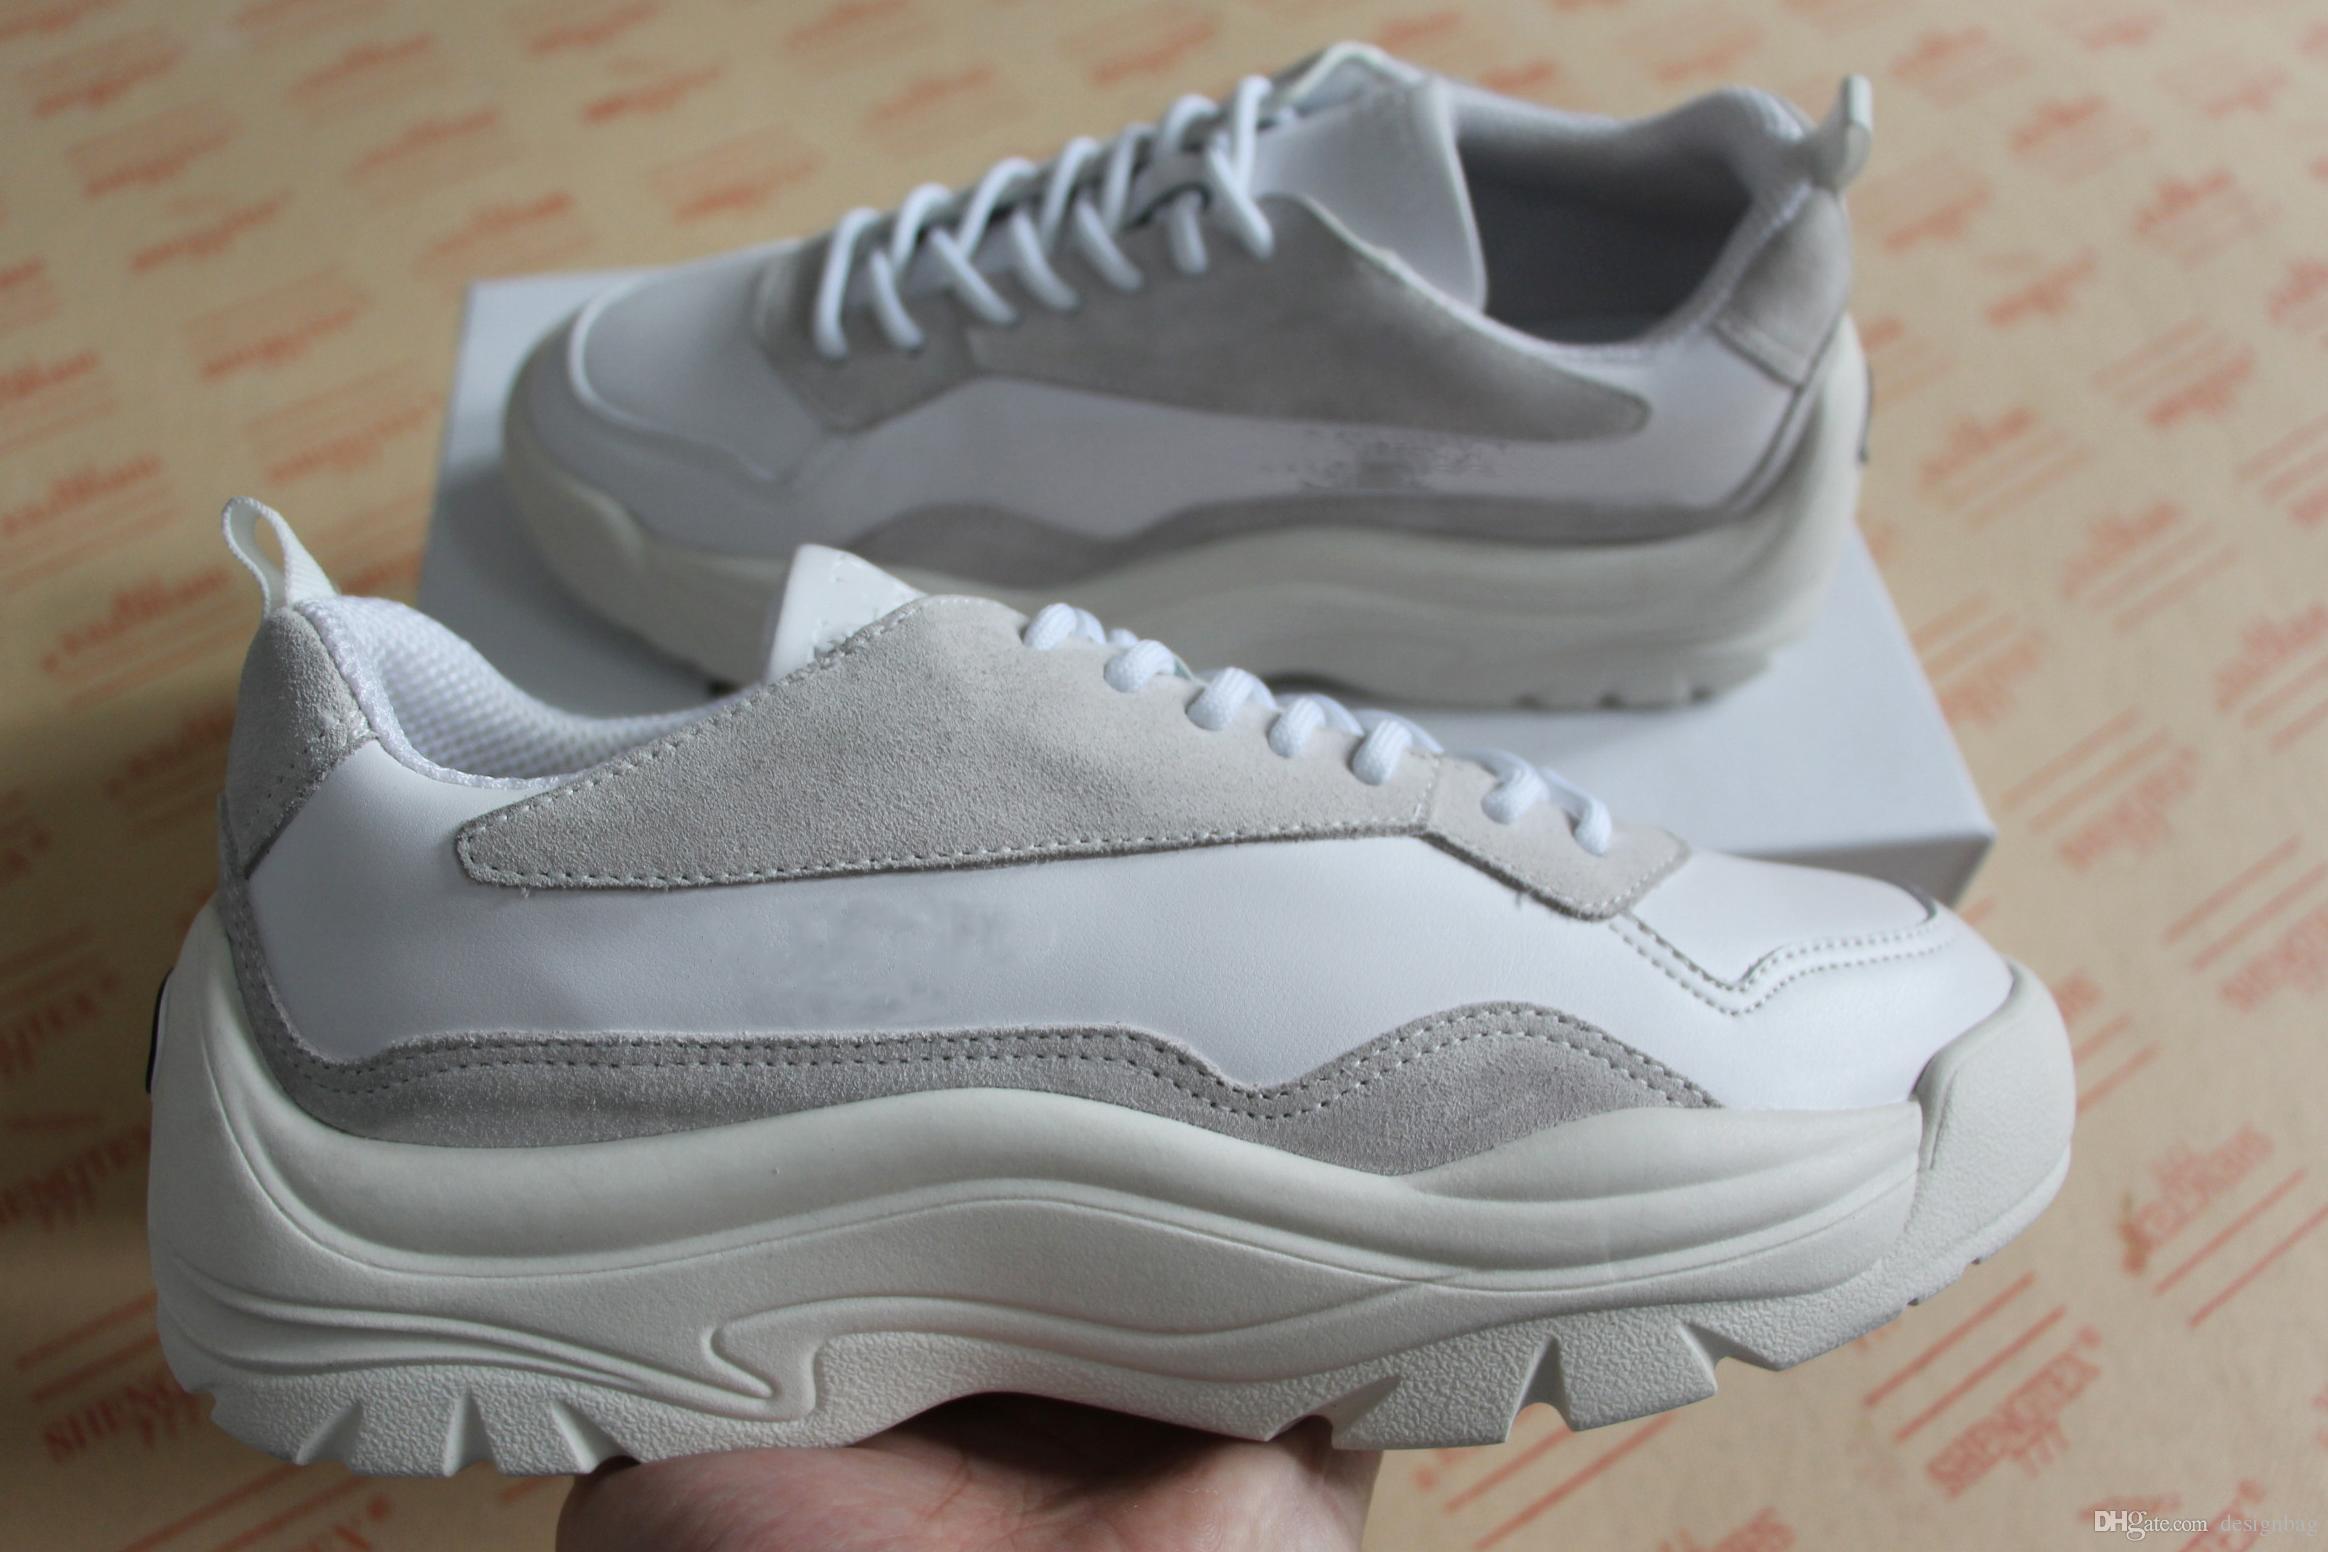 cf46356e24febb Acquista Nuovo Top Qualità Mens Designer Scarpe Designer Sneakers Luxury  Vera Pelle Rosso Nero Casual Asso Scarpe Uomo Donna Taglia Grande 35 46 A  $165.23 ...